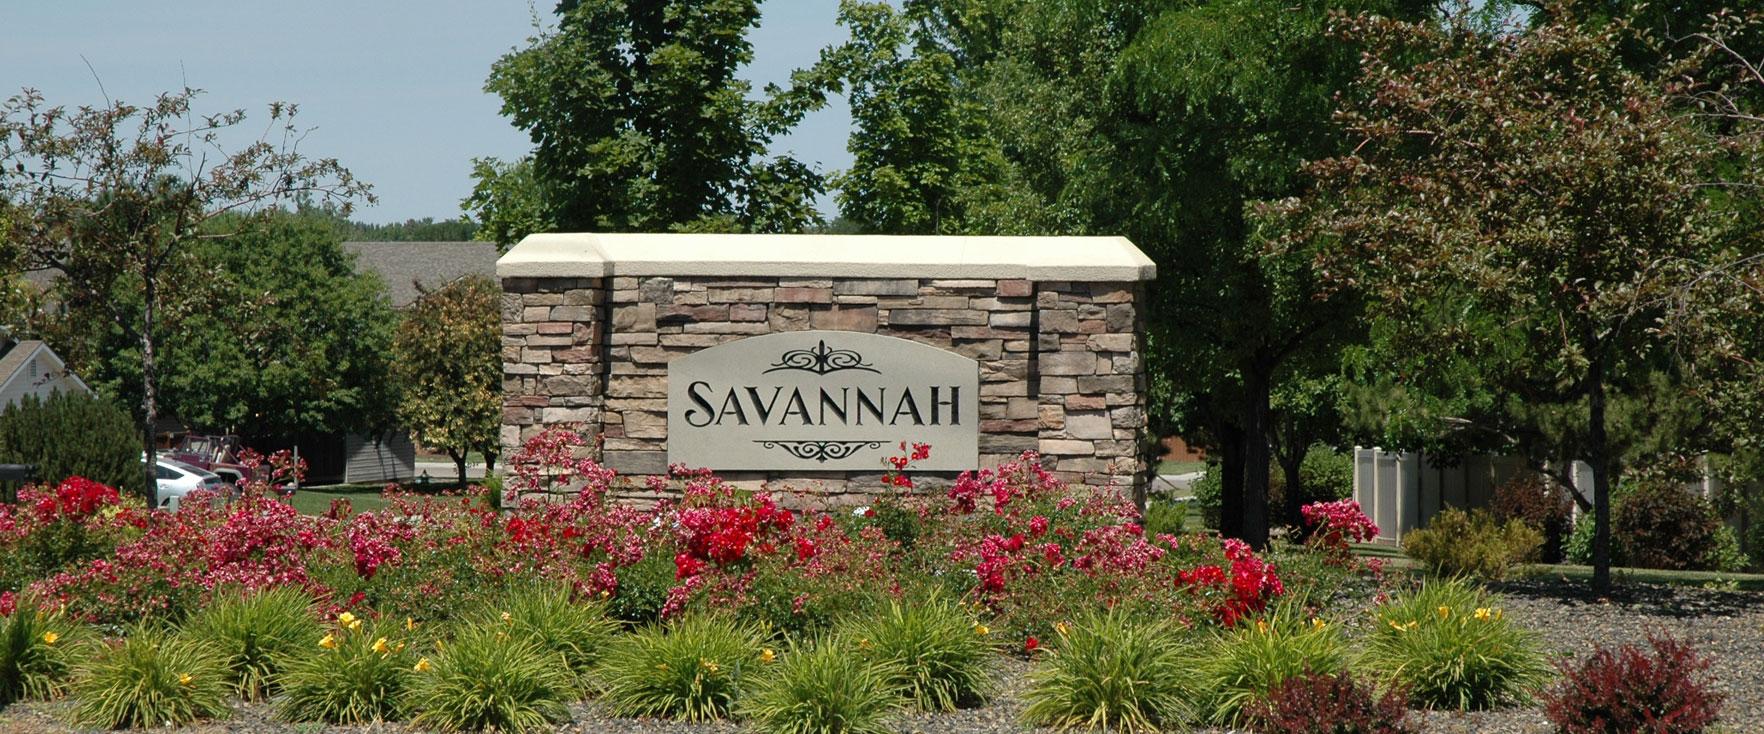 Savannah Boise, ID | Charleston Place Boise, ID | HOA